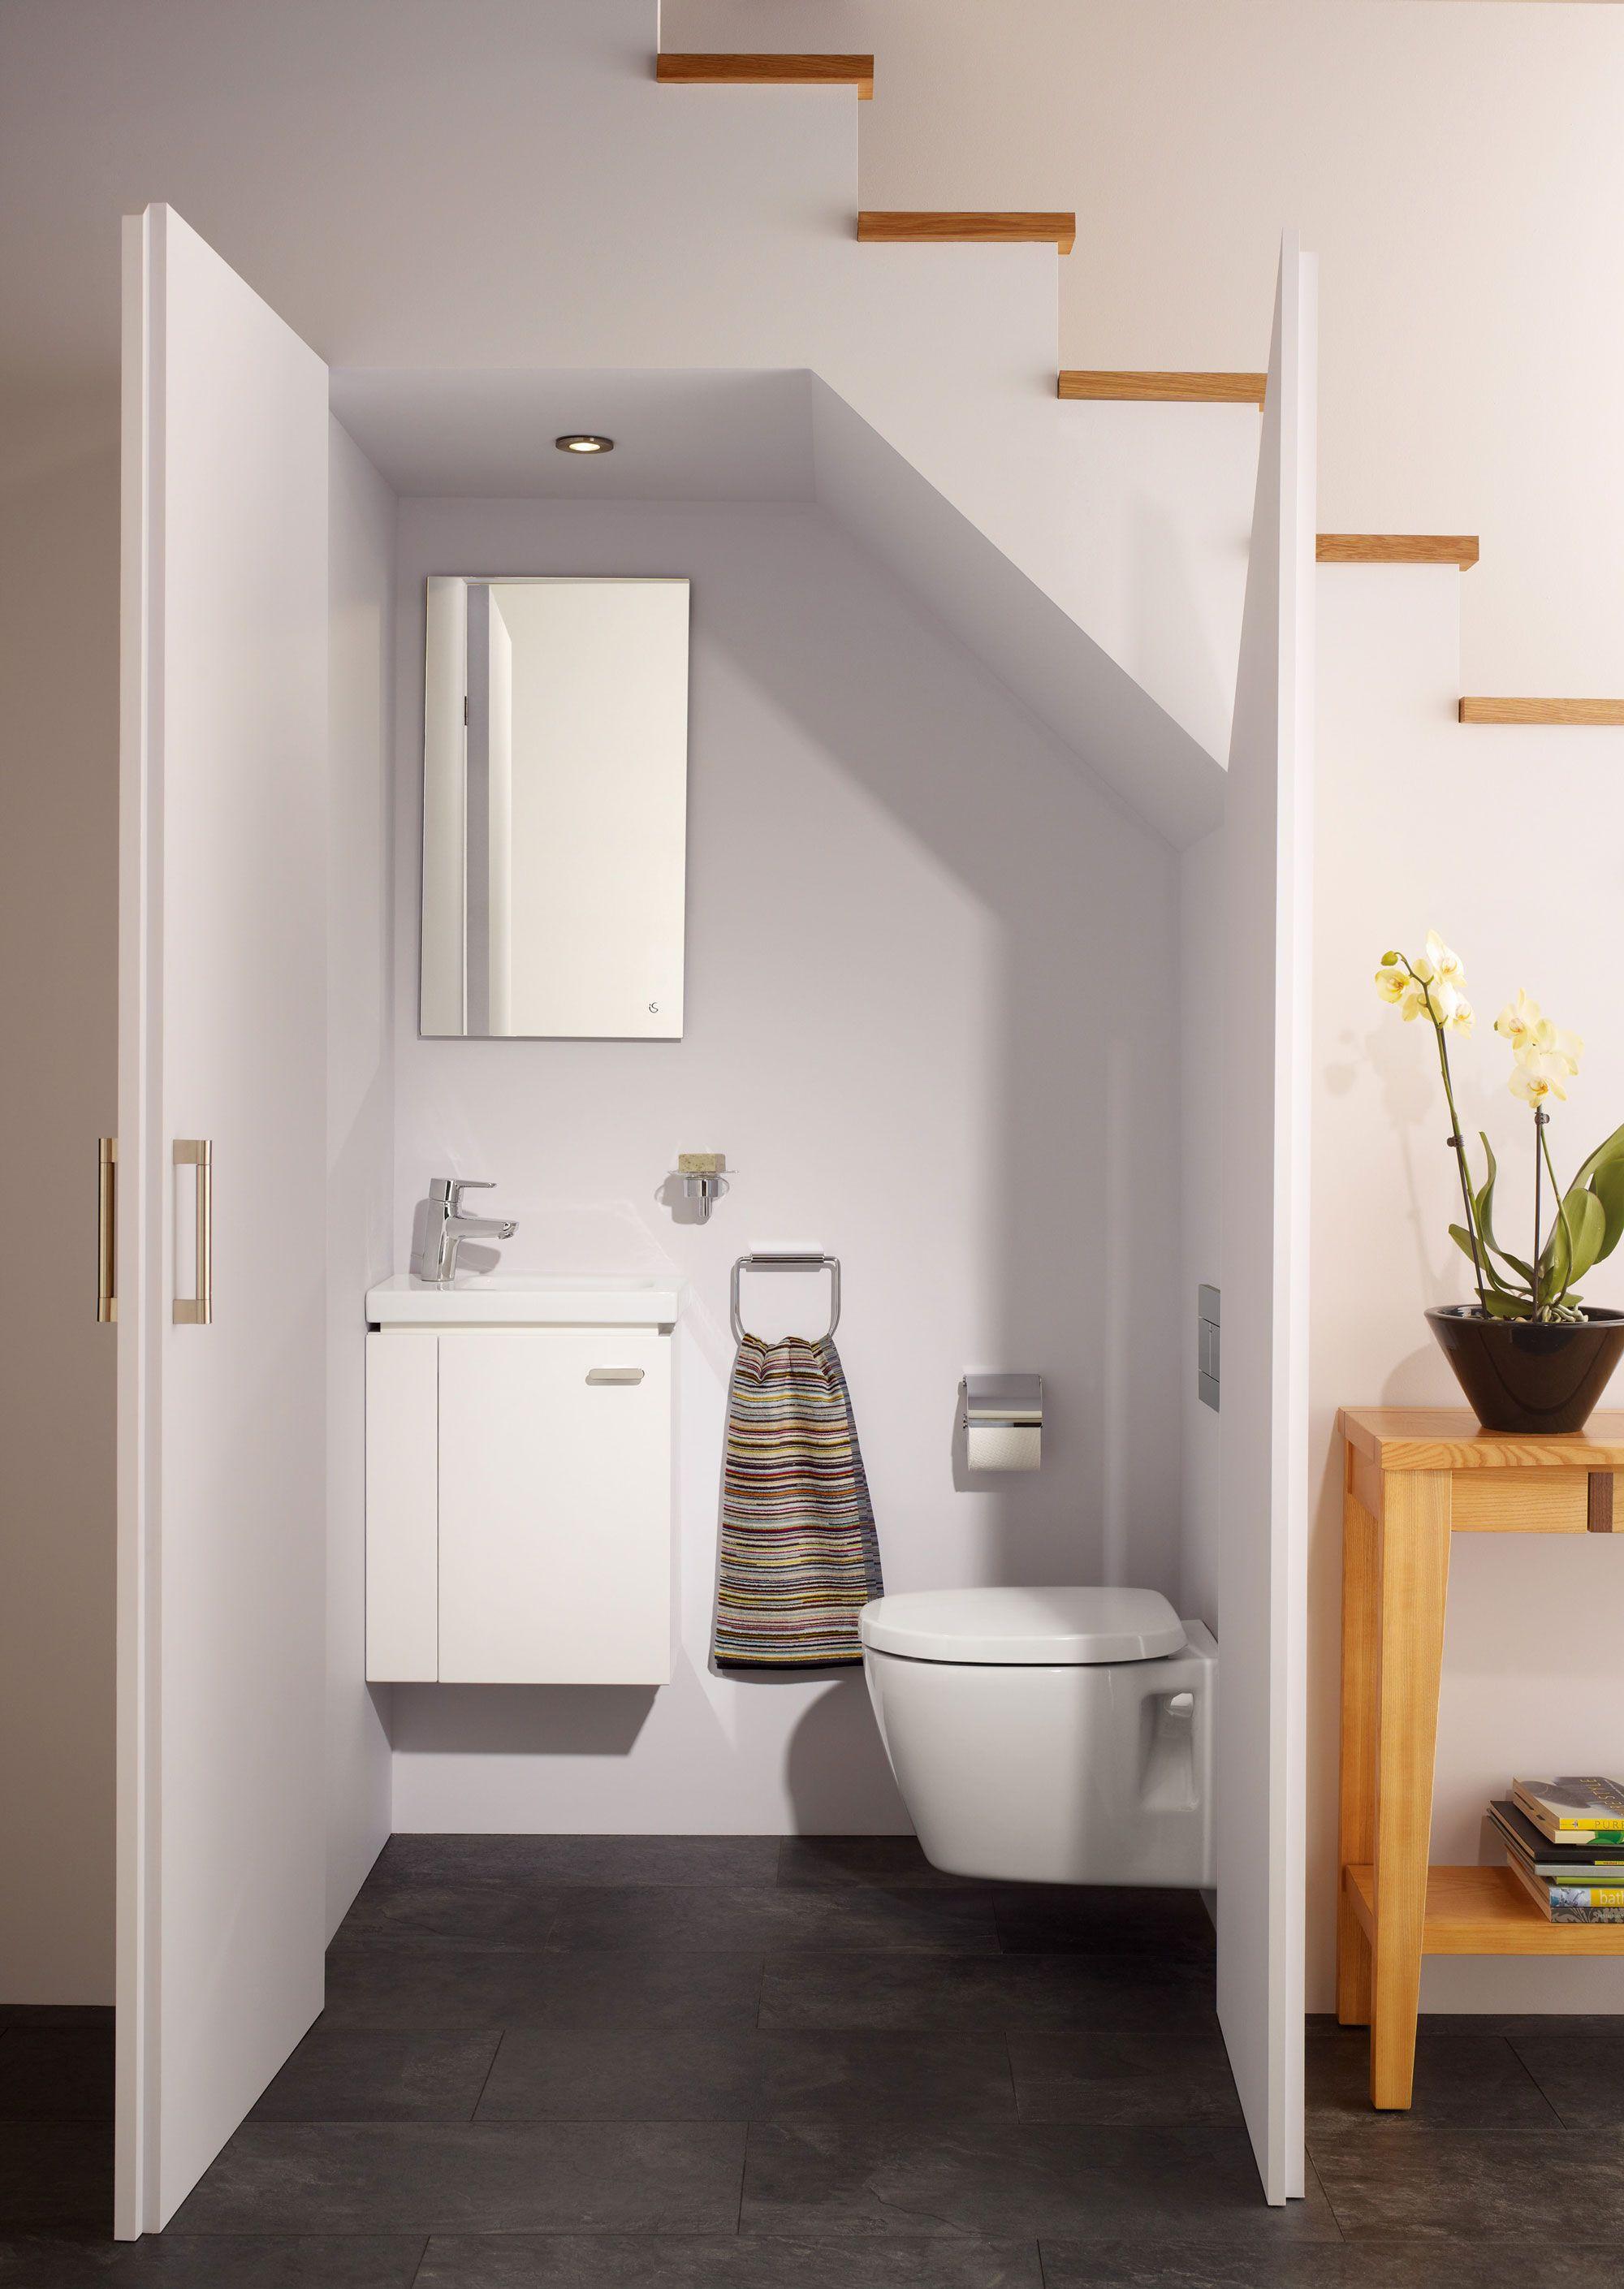 Sanitari Scala Ideal Standard sanitari sospesi e lavandini bagno salvaspazio. foto (con